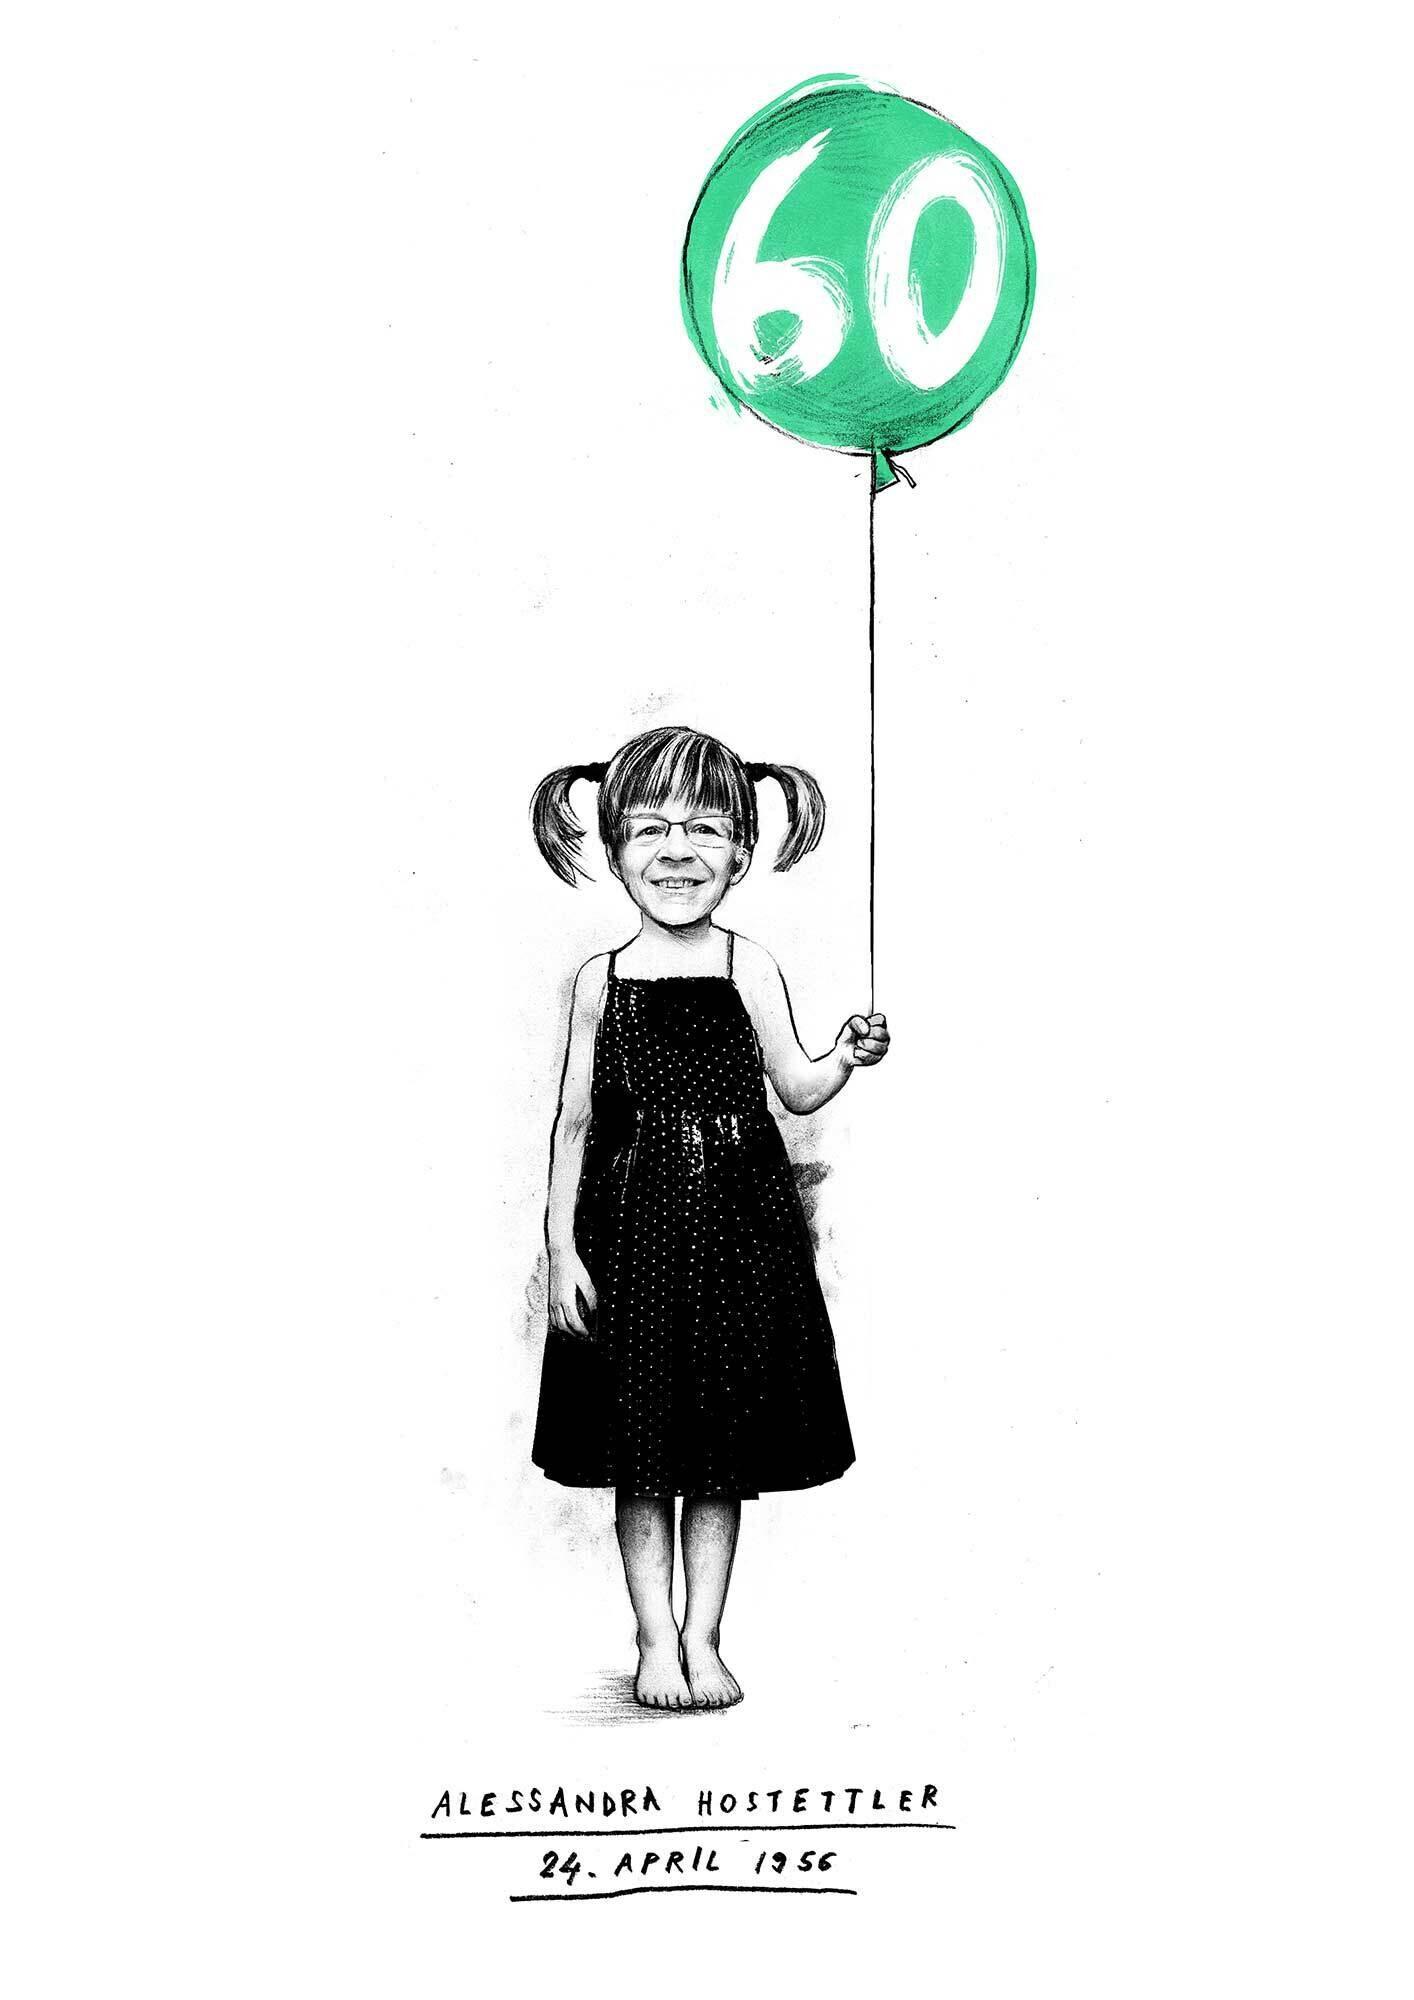 Alessandra Hostettler Illustration - Kornel Illustration | Kornel Stadler portfolio